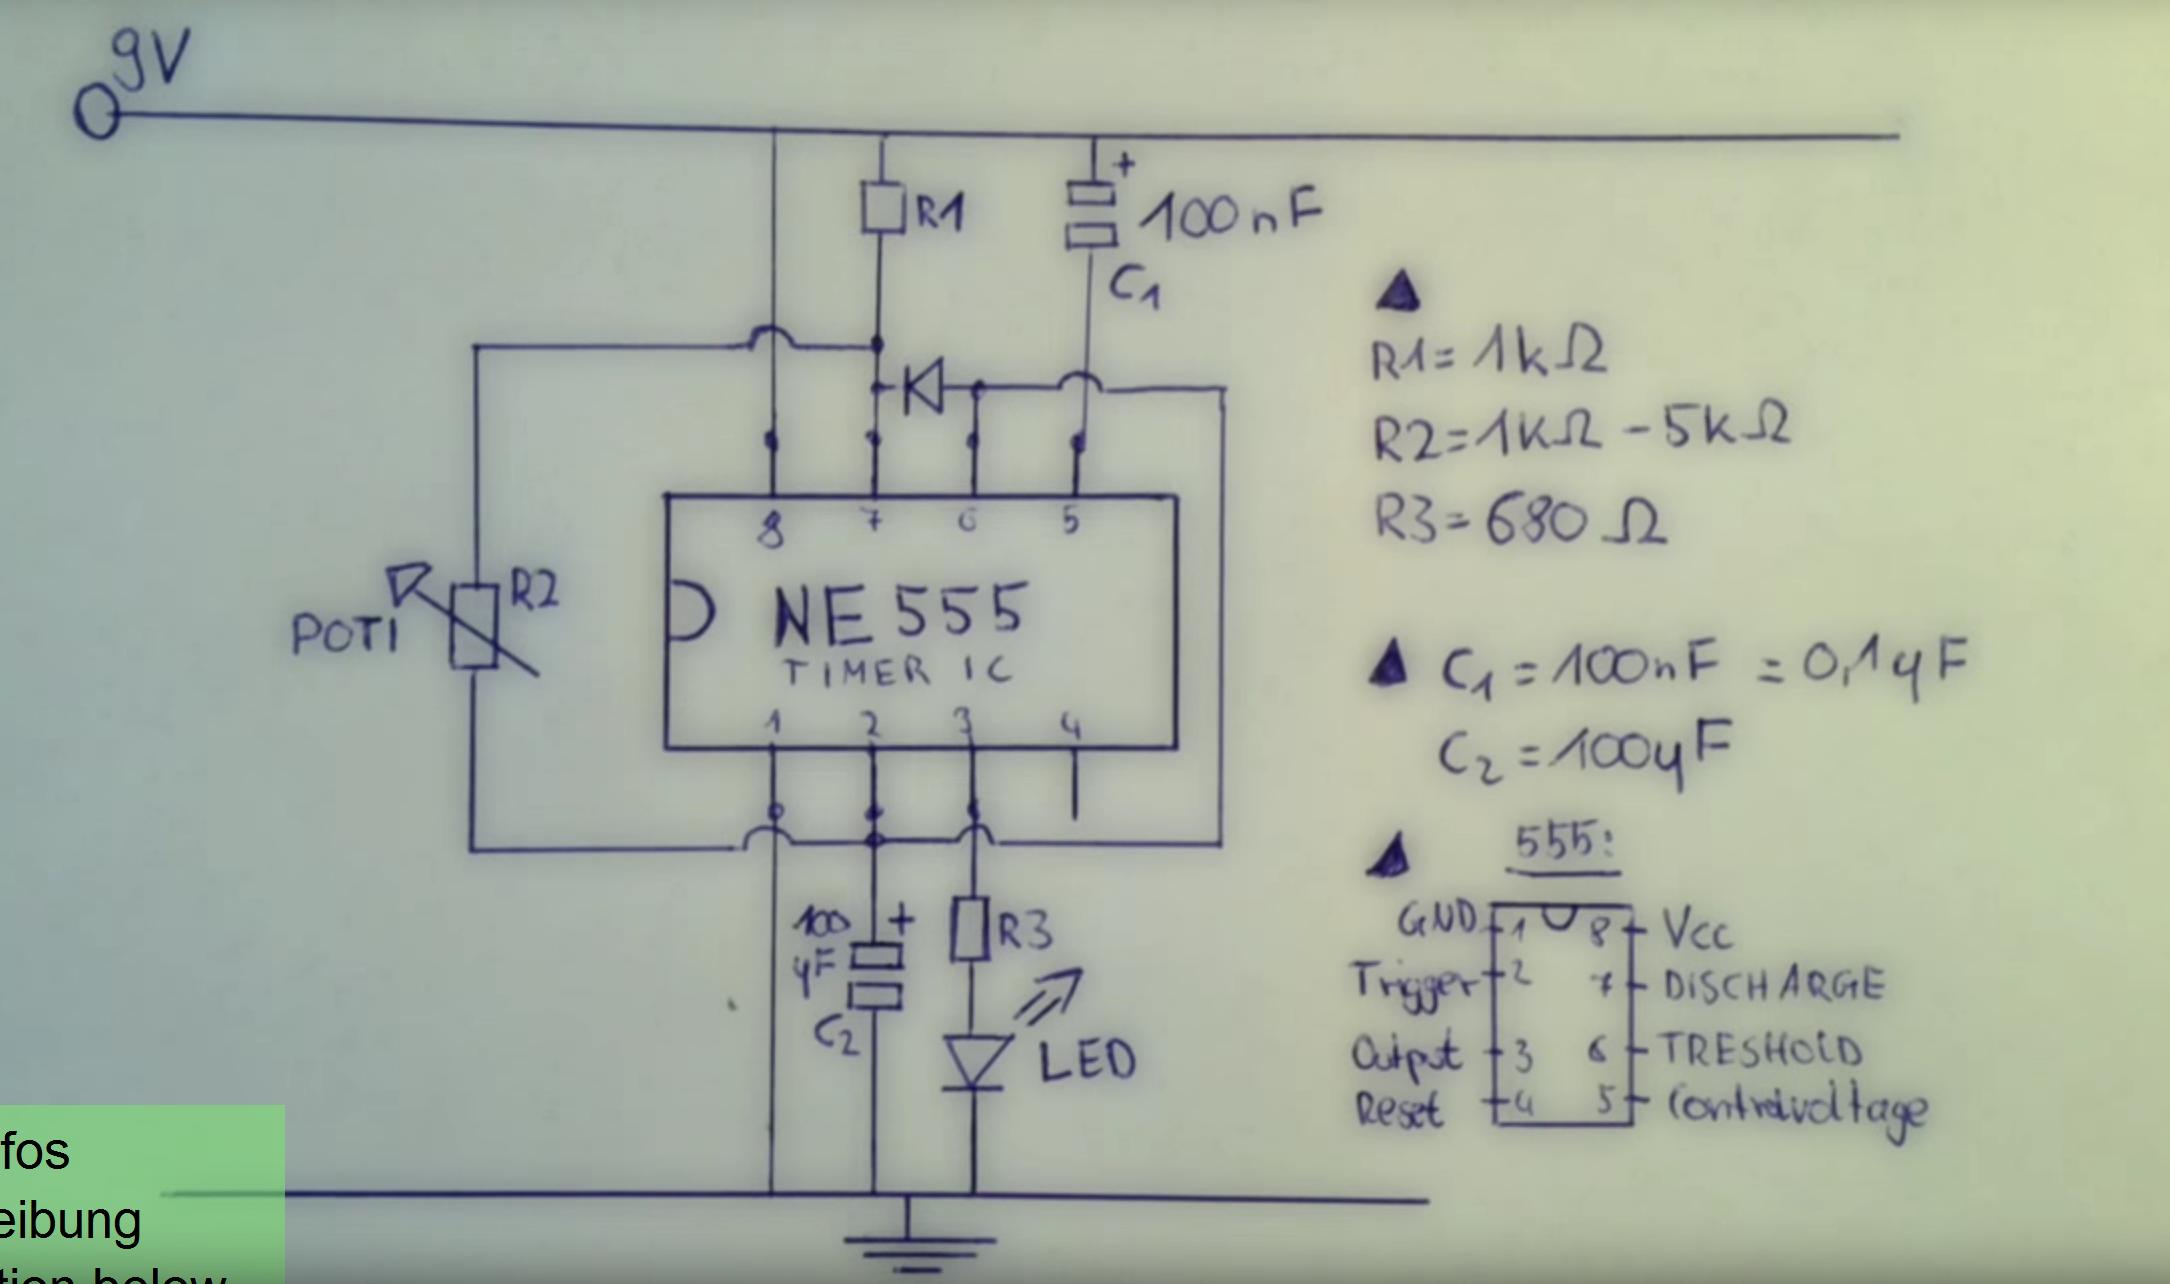 Sequentiellen Blinker für Modellbau (Anfänger) - Mikrocontroller.net